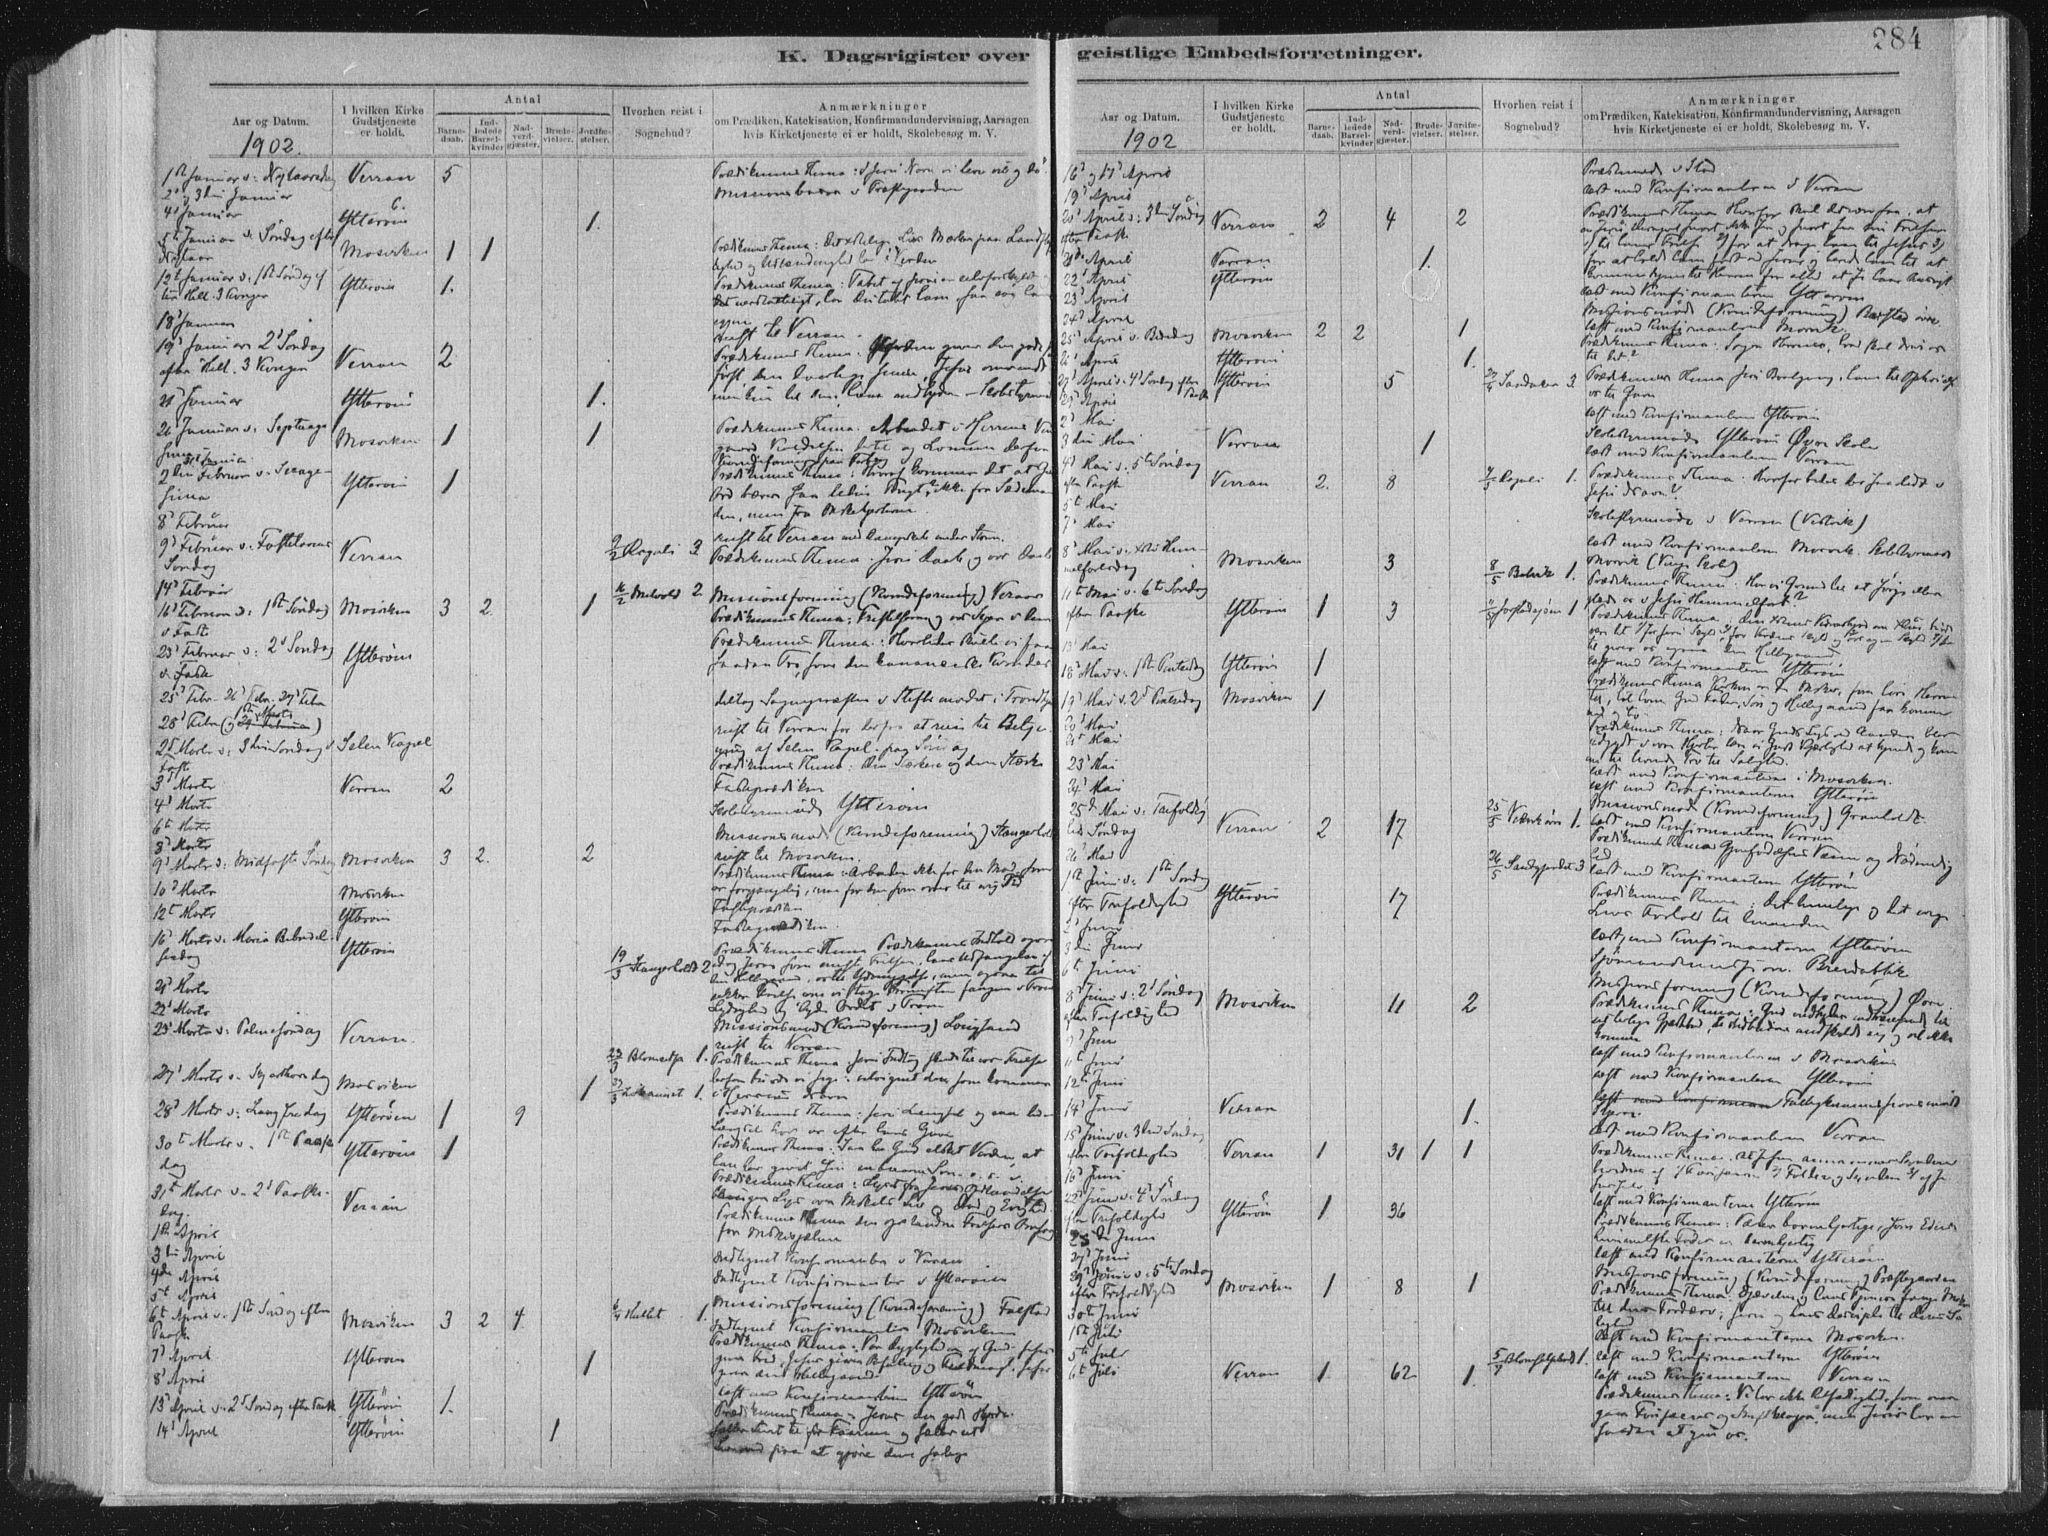 SAT, Ministerialprotokoller, klokkerbøker og fødselsregistre - Nord-Trøndelag, 722/L0220: Ministerialbok nr. 722A07, 1881-1908, s. 284